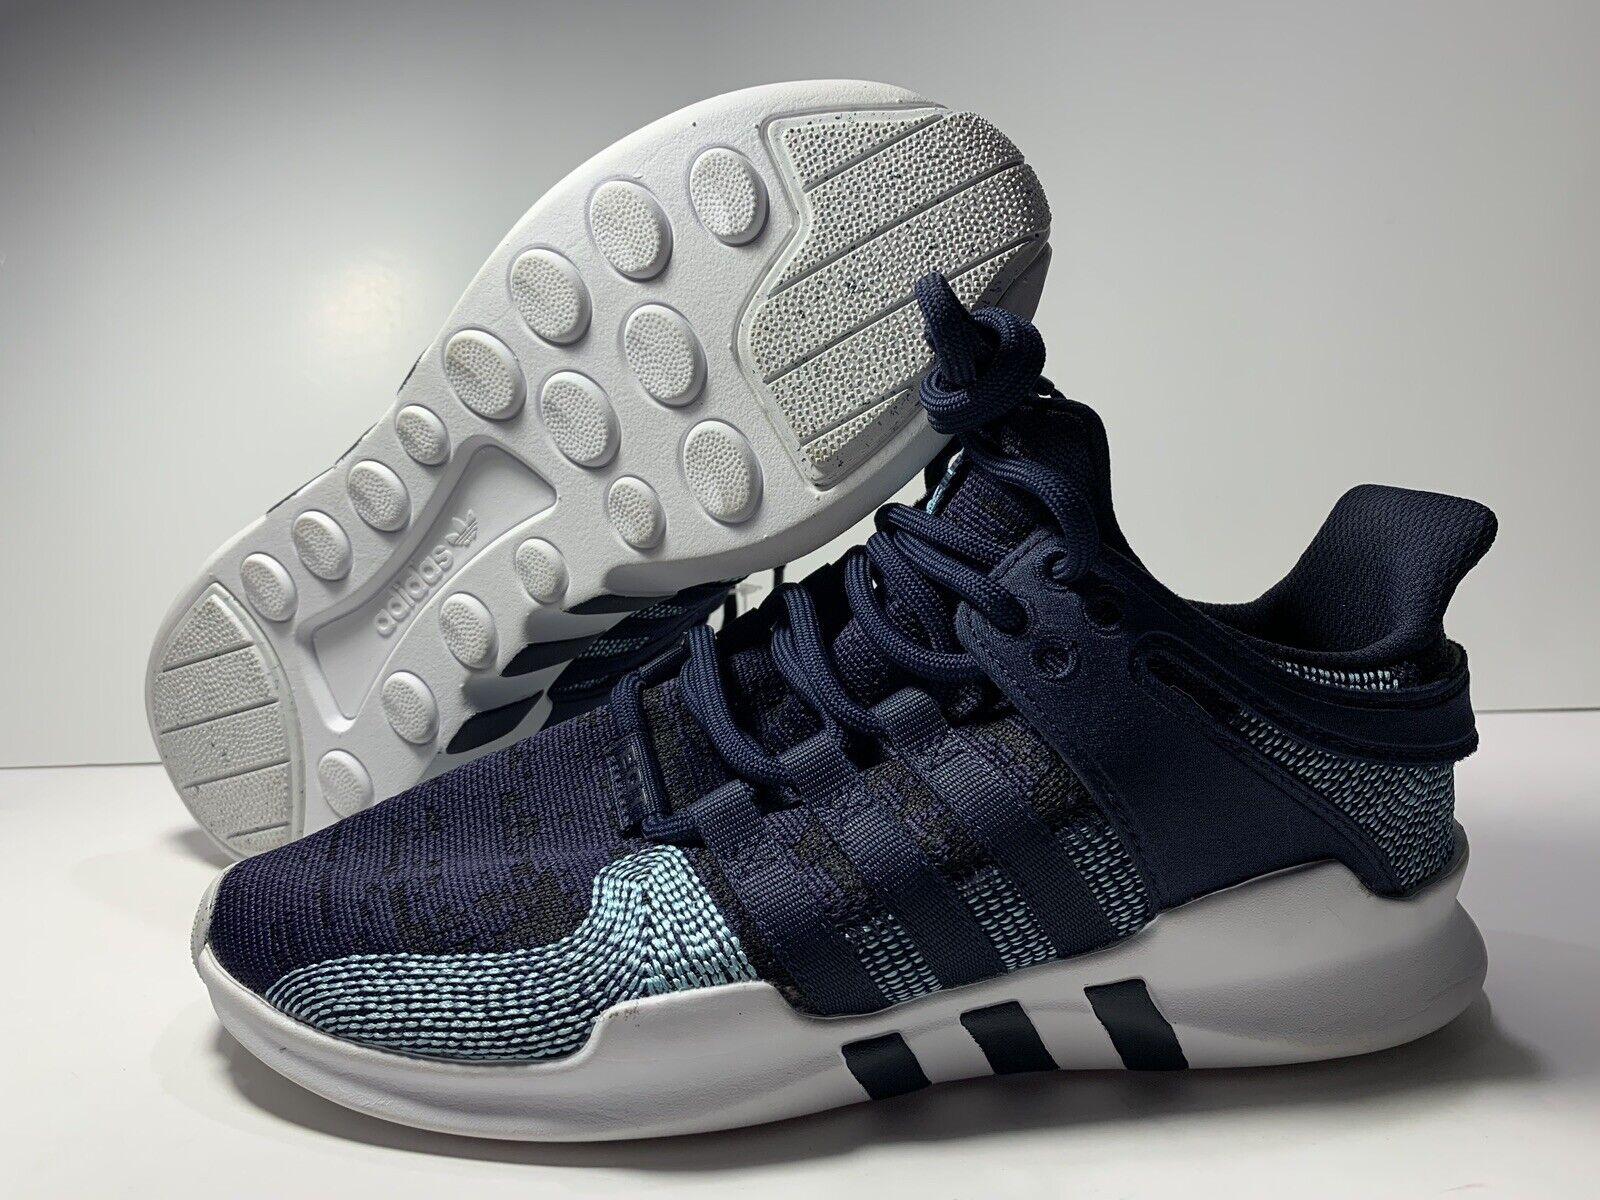 buy popular 0e4bd 11f47 Adidas Originals EQT Equipment Support Adv Ck Ck Ck Parley Limited shoes Sz  9 CQ0299 dbe150